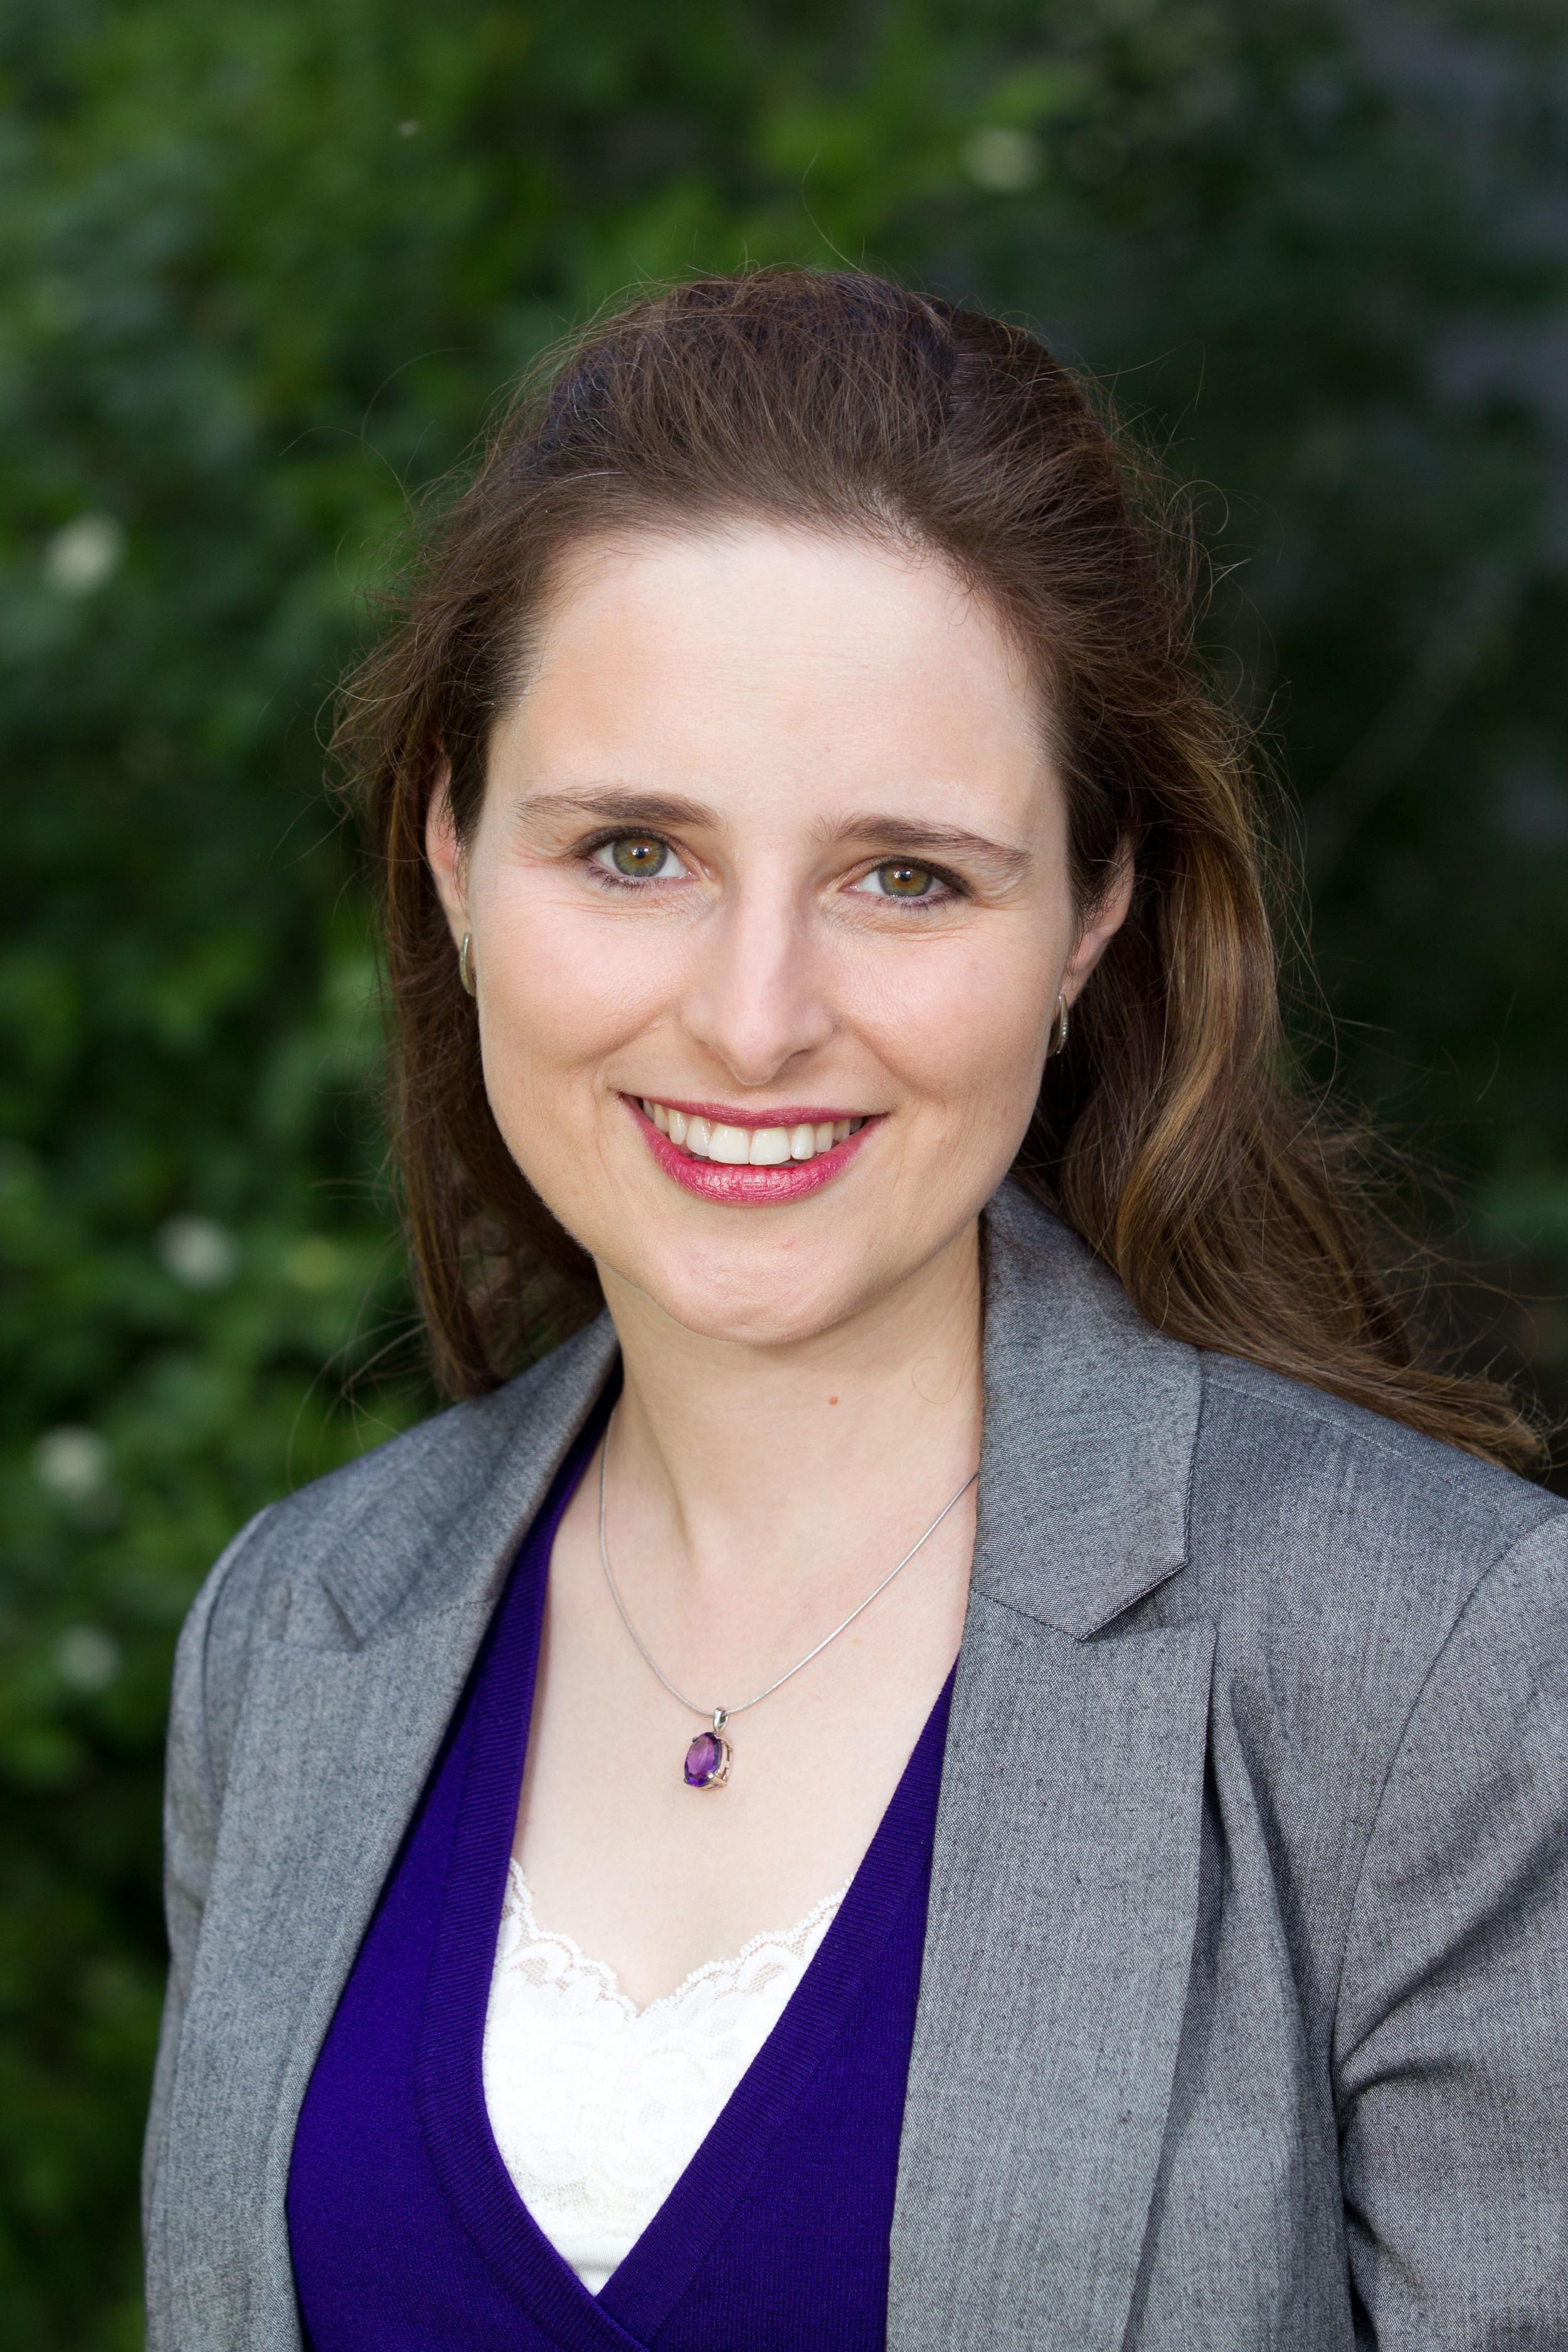 Sara Kreindler (Manitoba & Pembroke 1999)